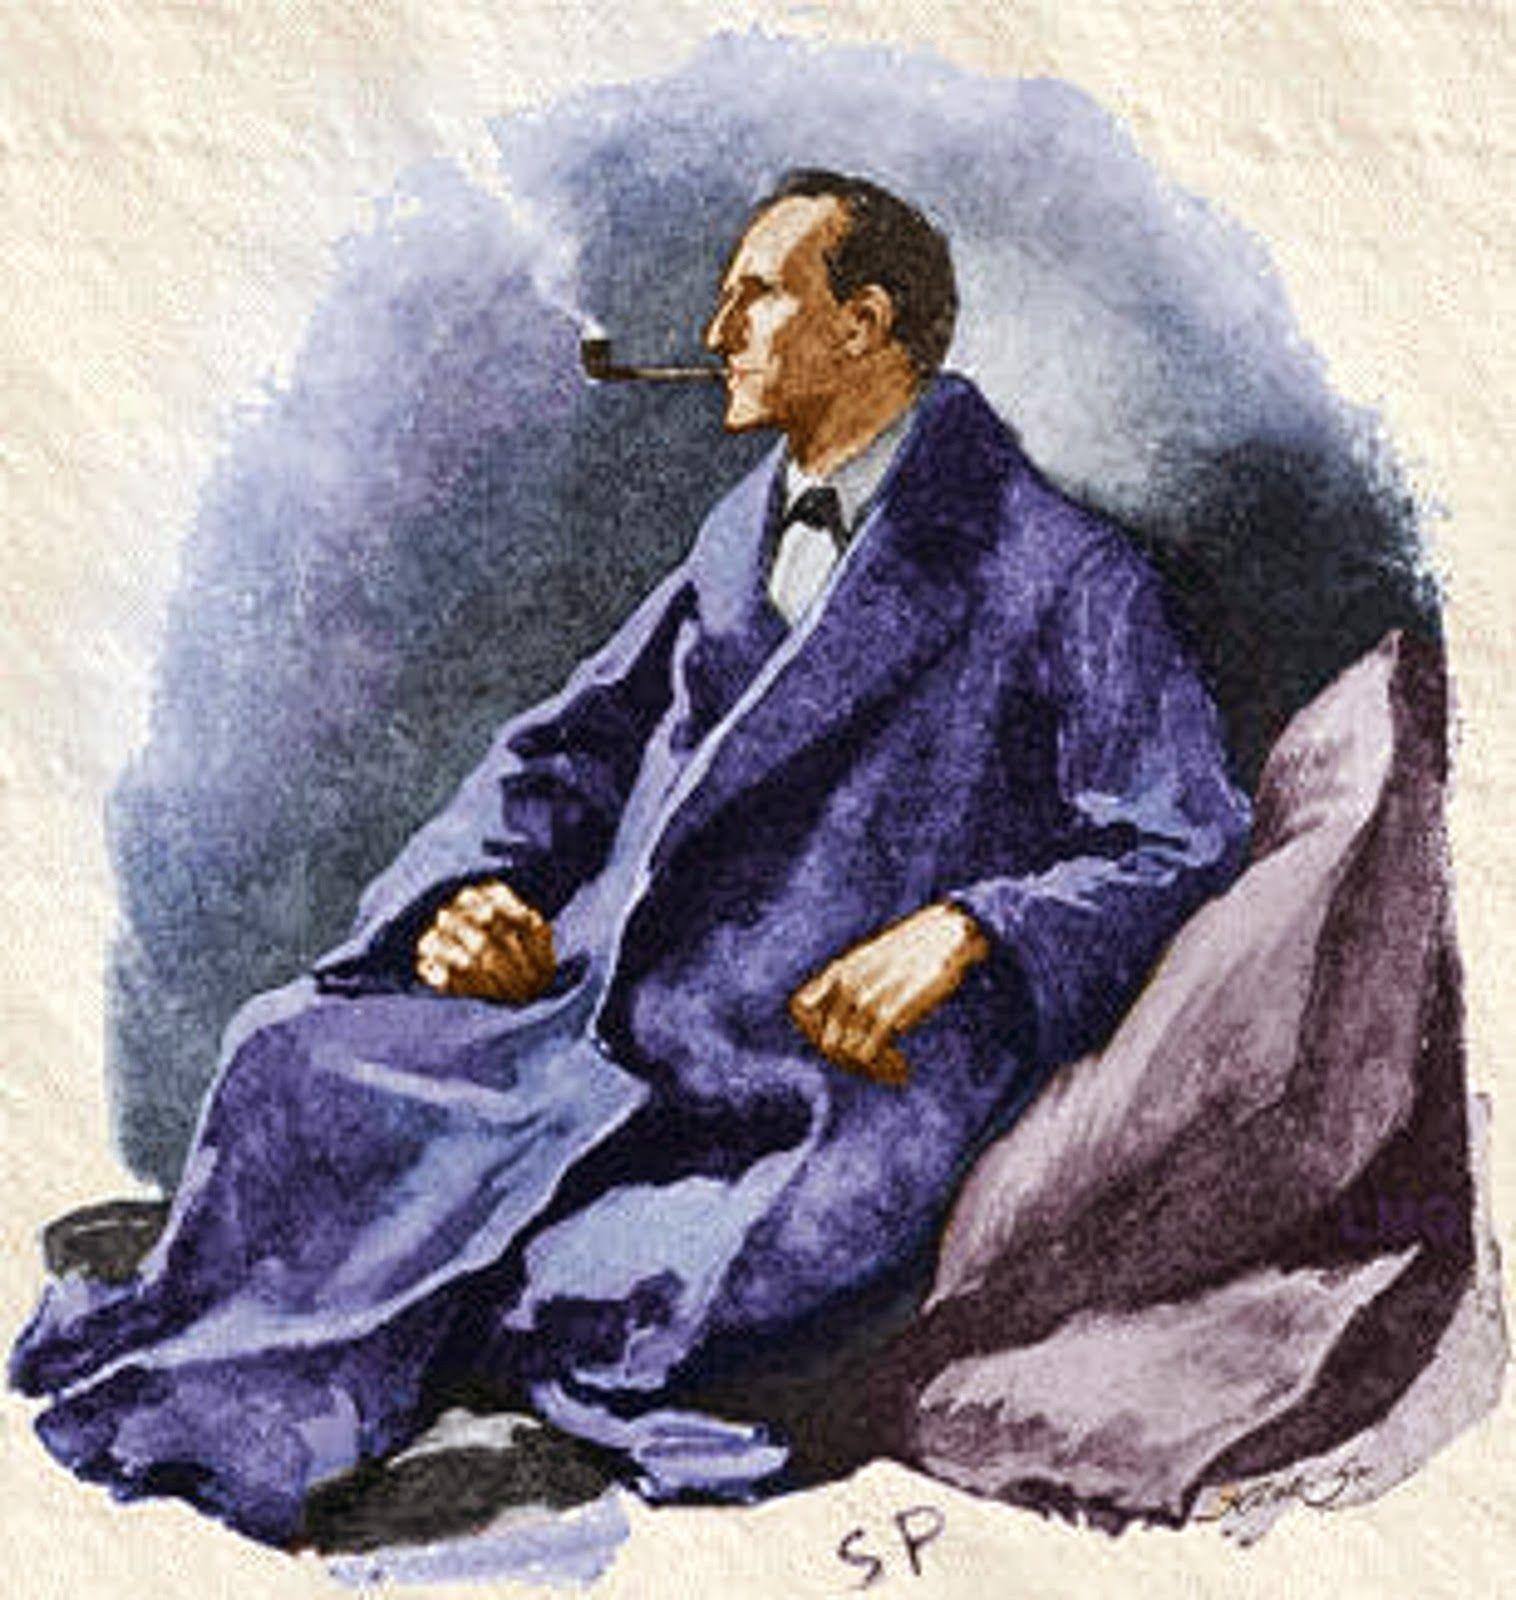 9fba1d79b8 Sherlock Holmes Sidney Paget Public Domain Jpg 1516